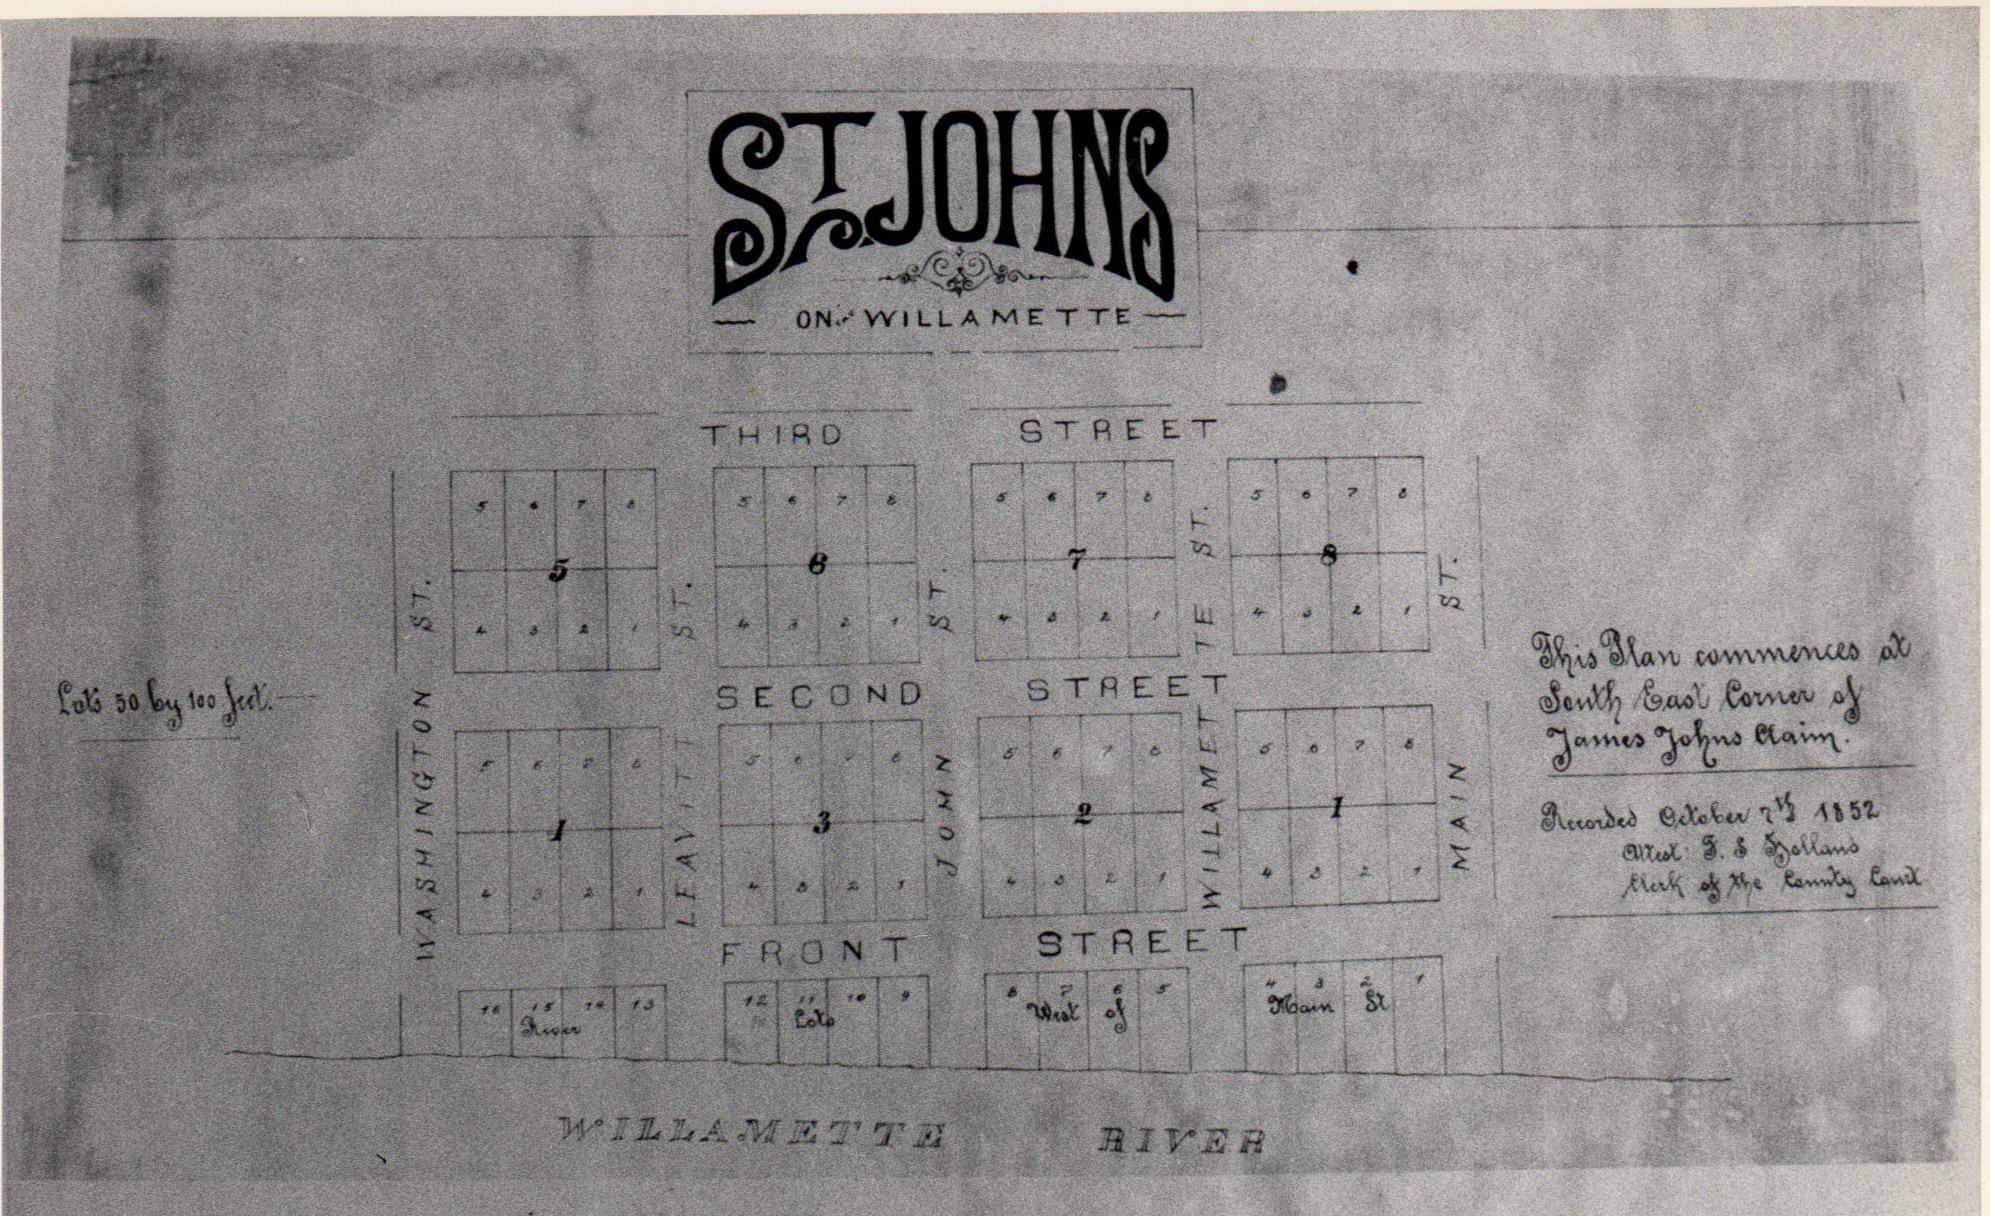 James John original plat 1852